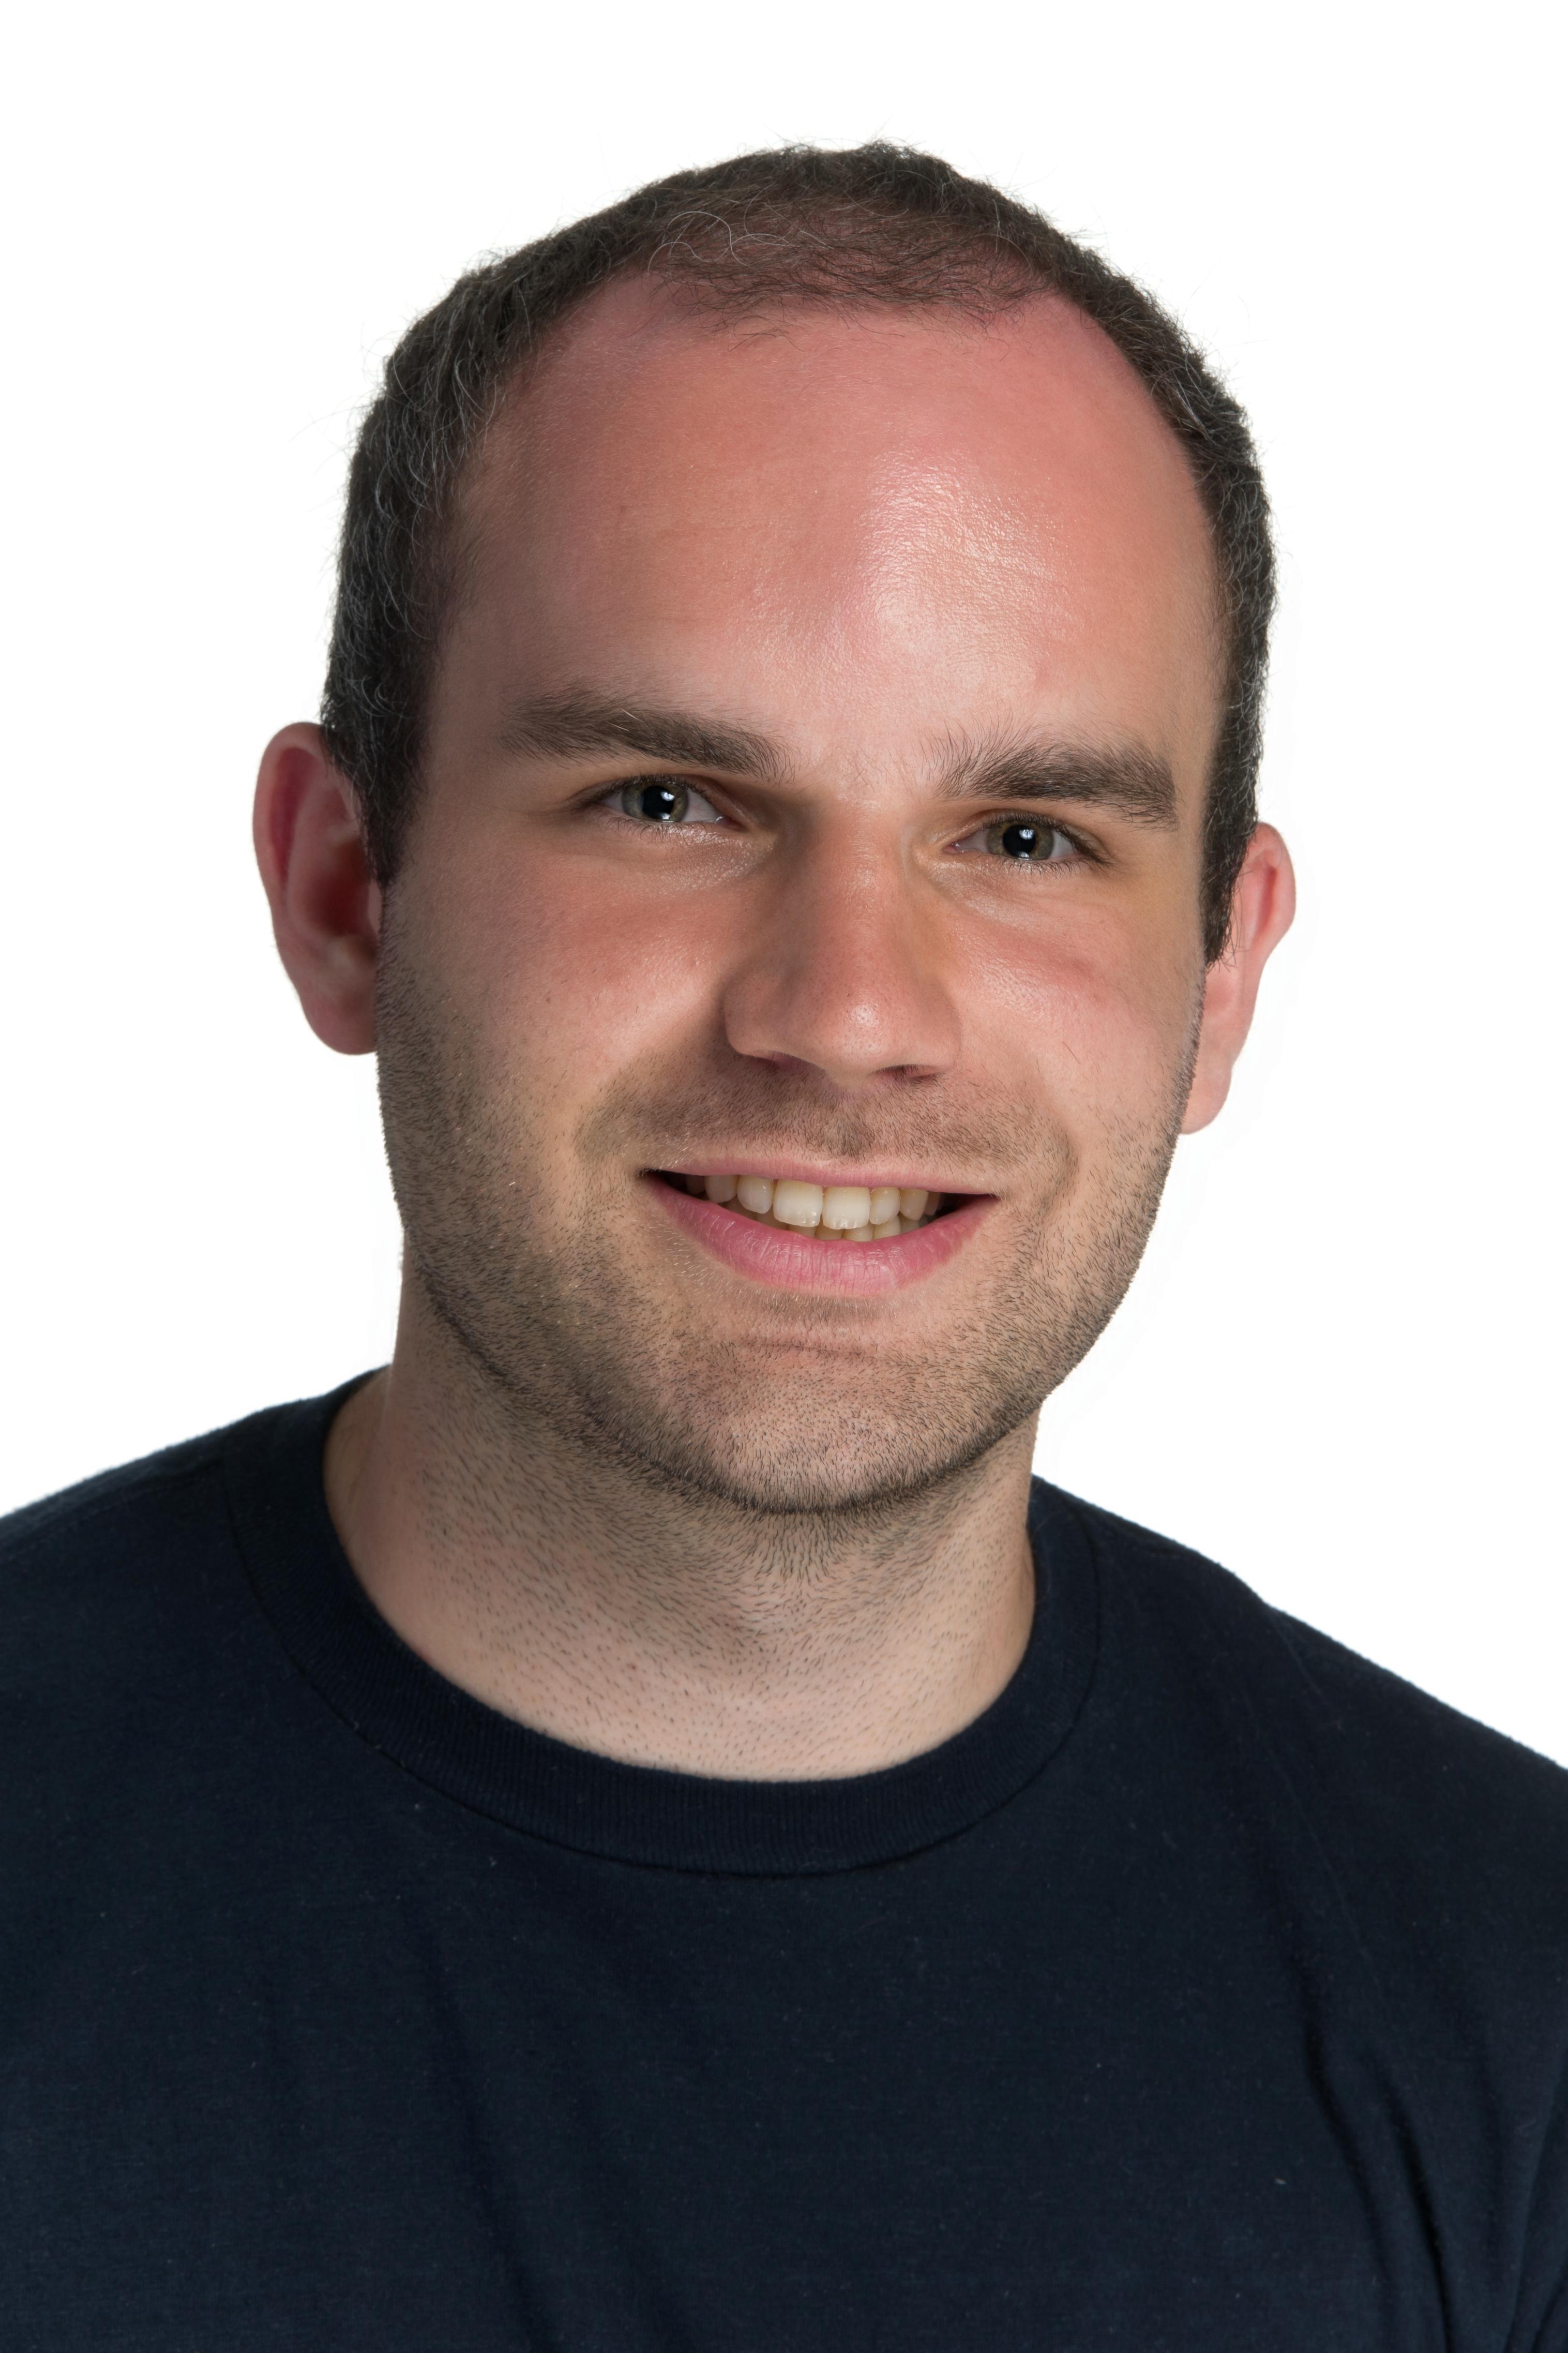 Oscar Meier